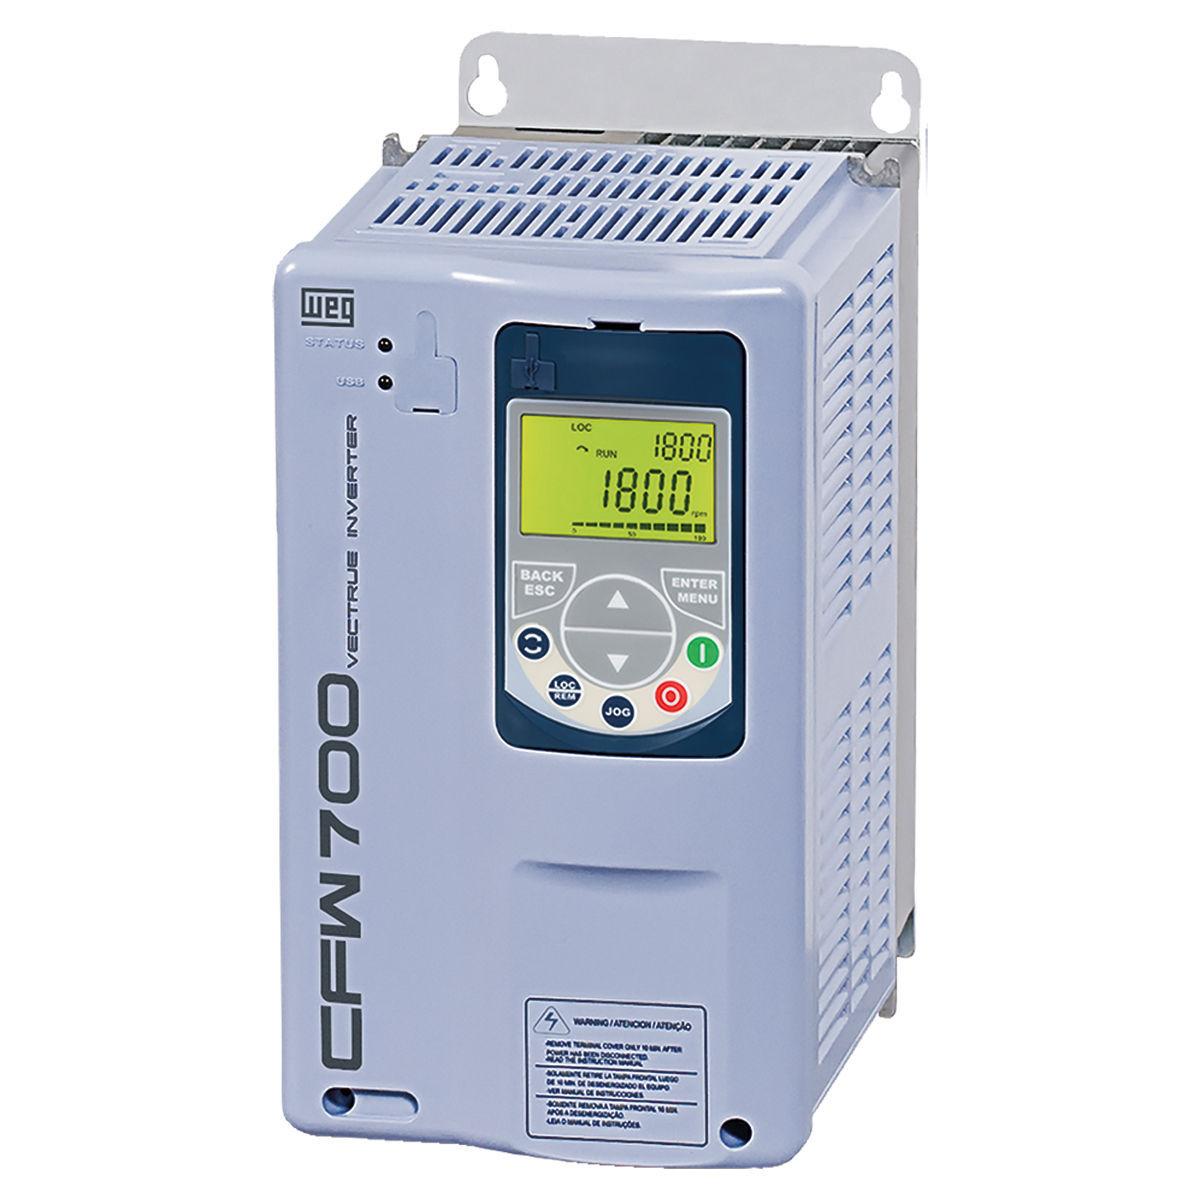 WEG - Inversor de Frequência CFW 700